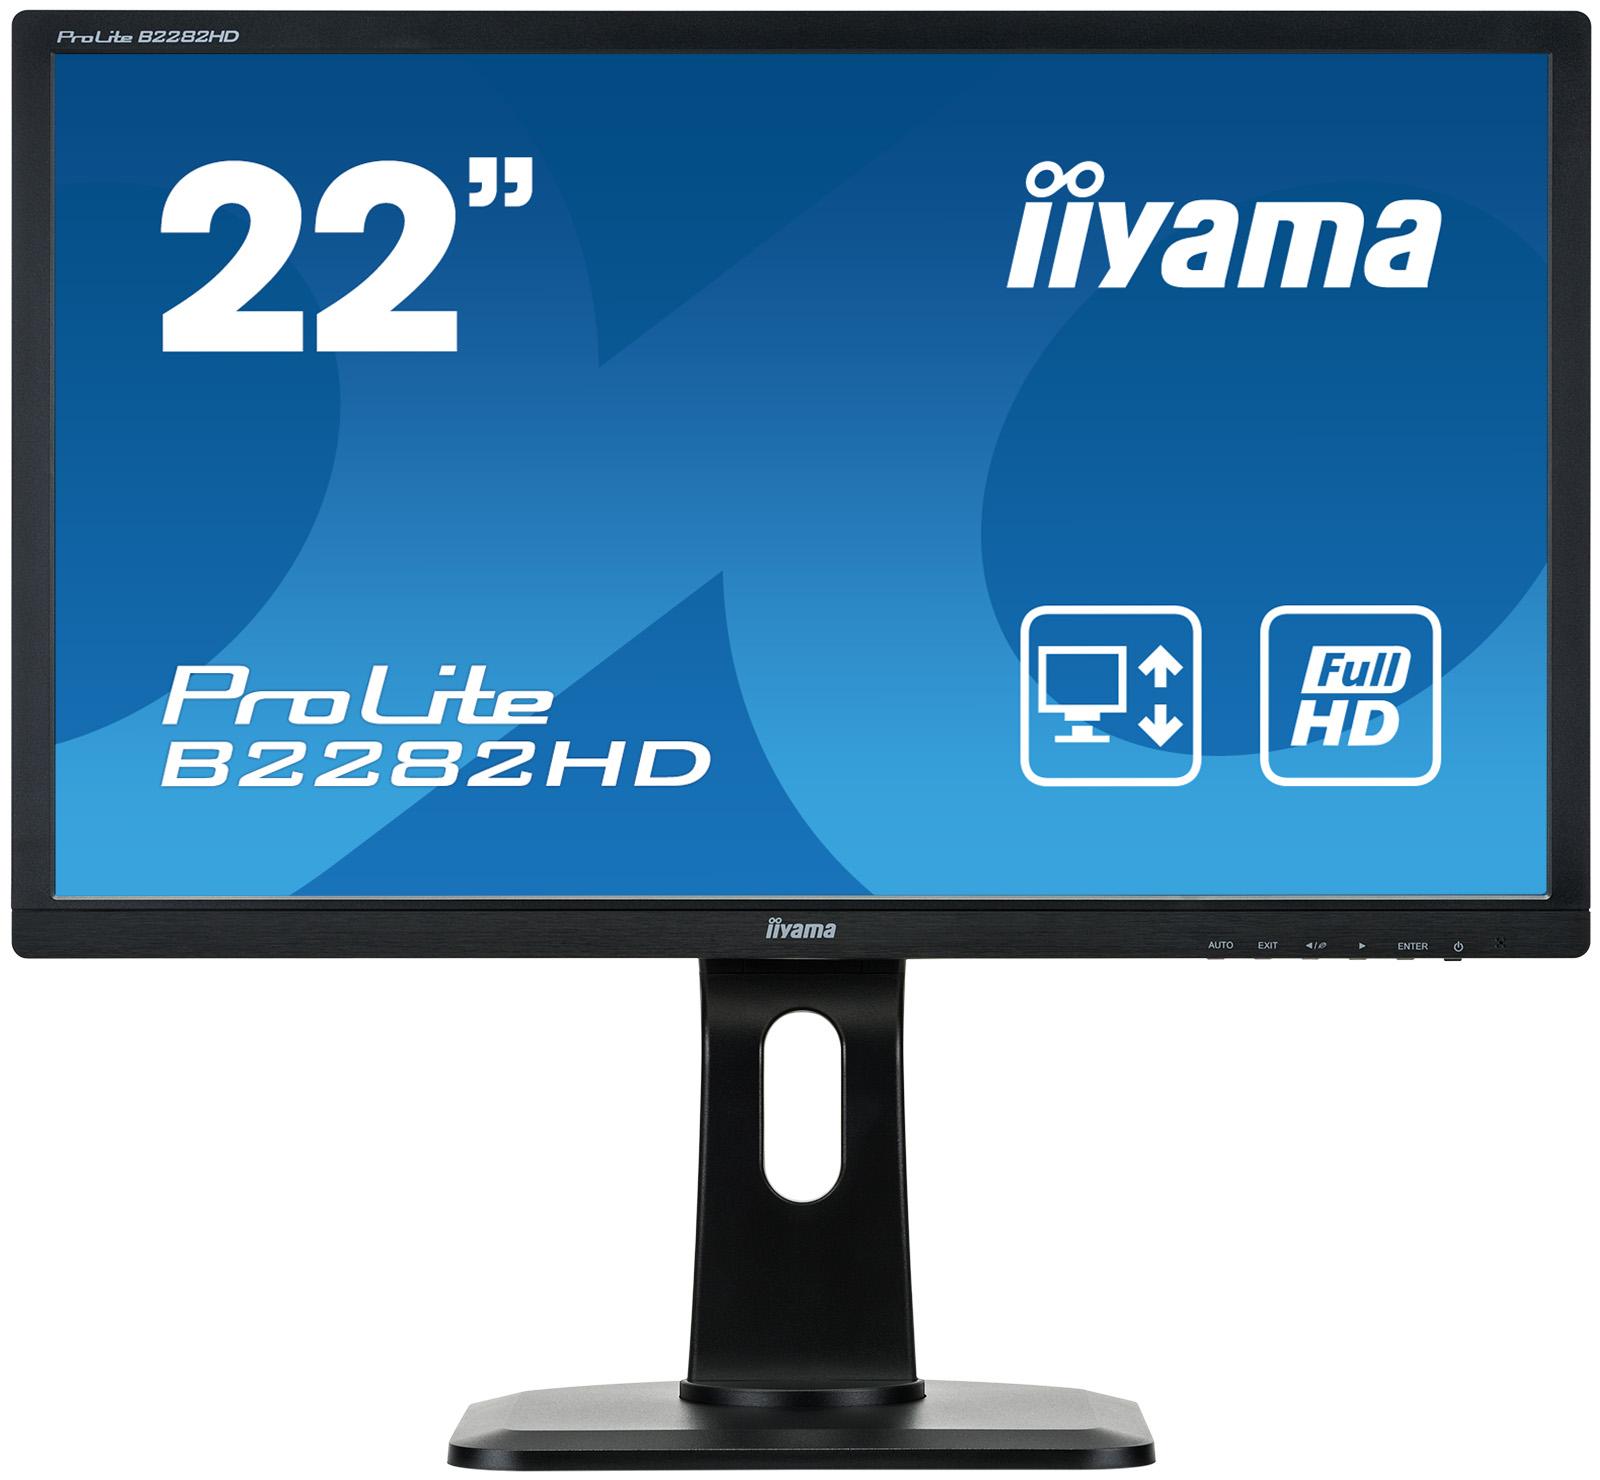 """22""""LCD iiyama B2282HD-B1 - 5ms, 250cd/m2, FullHD, matný, VGA, DVI, pivot, výšk.nastav."""